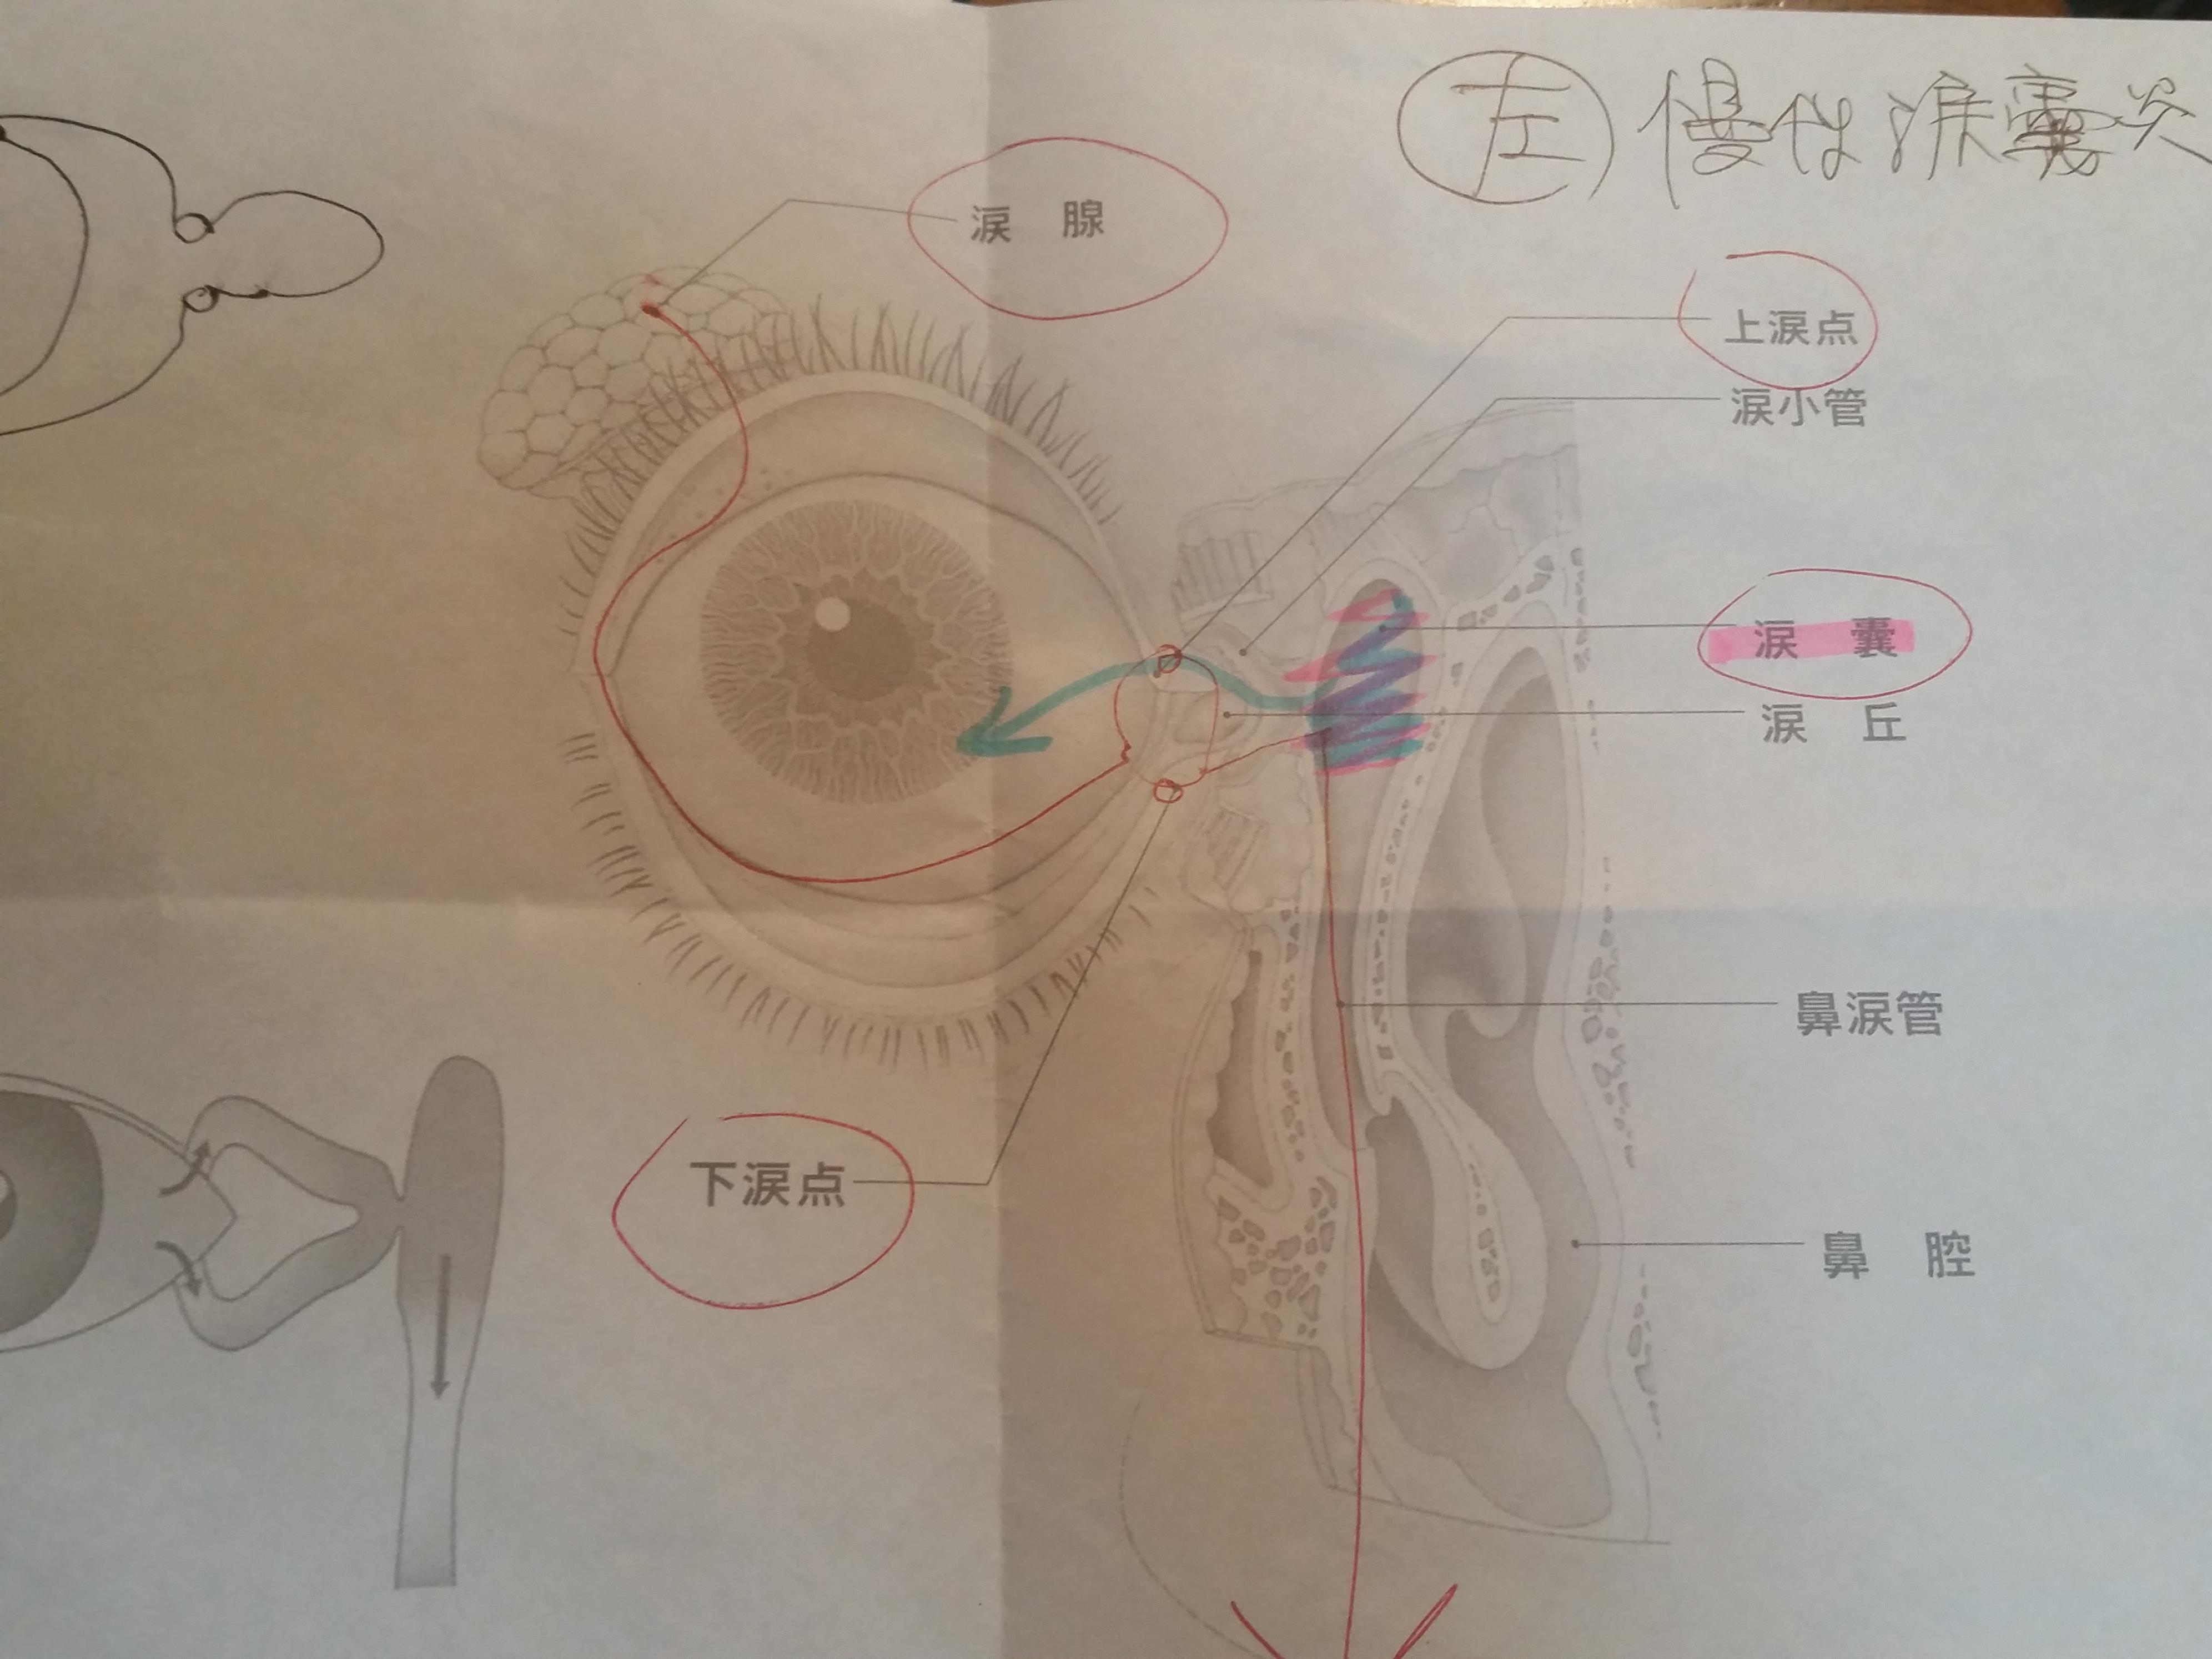 3軒目の眼科で判明した涙嚢炎という診断